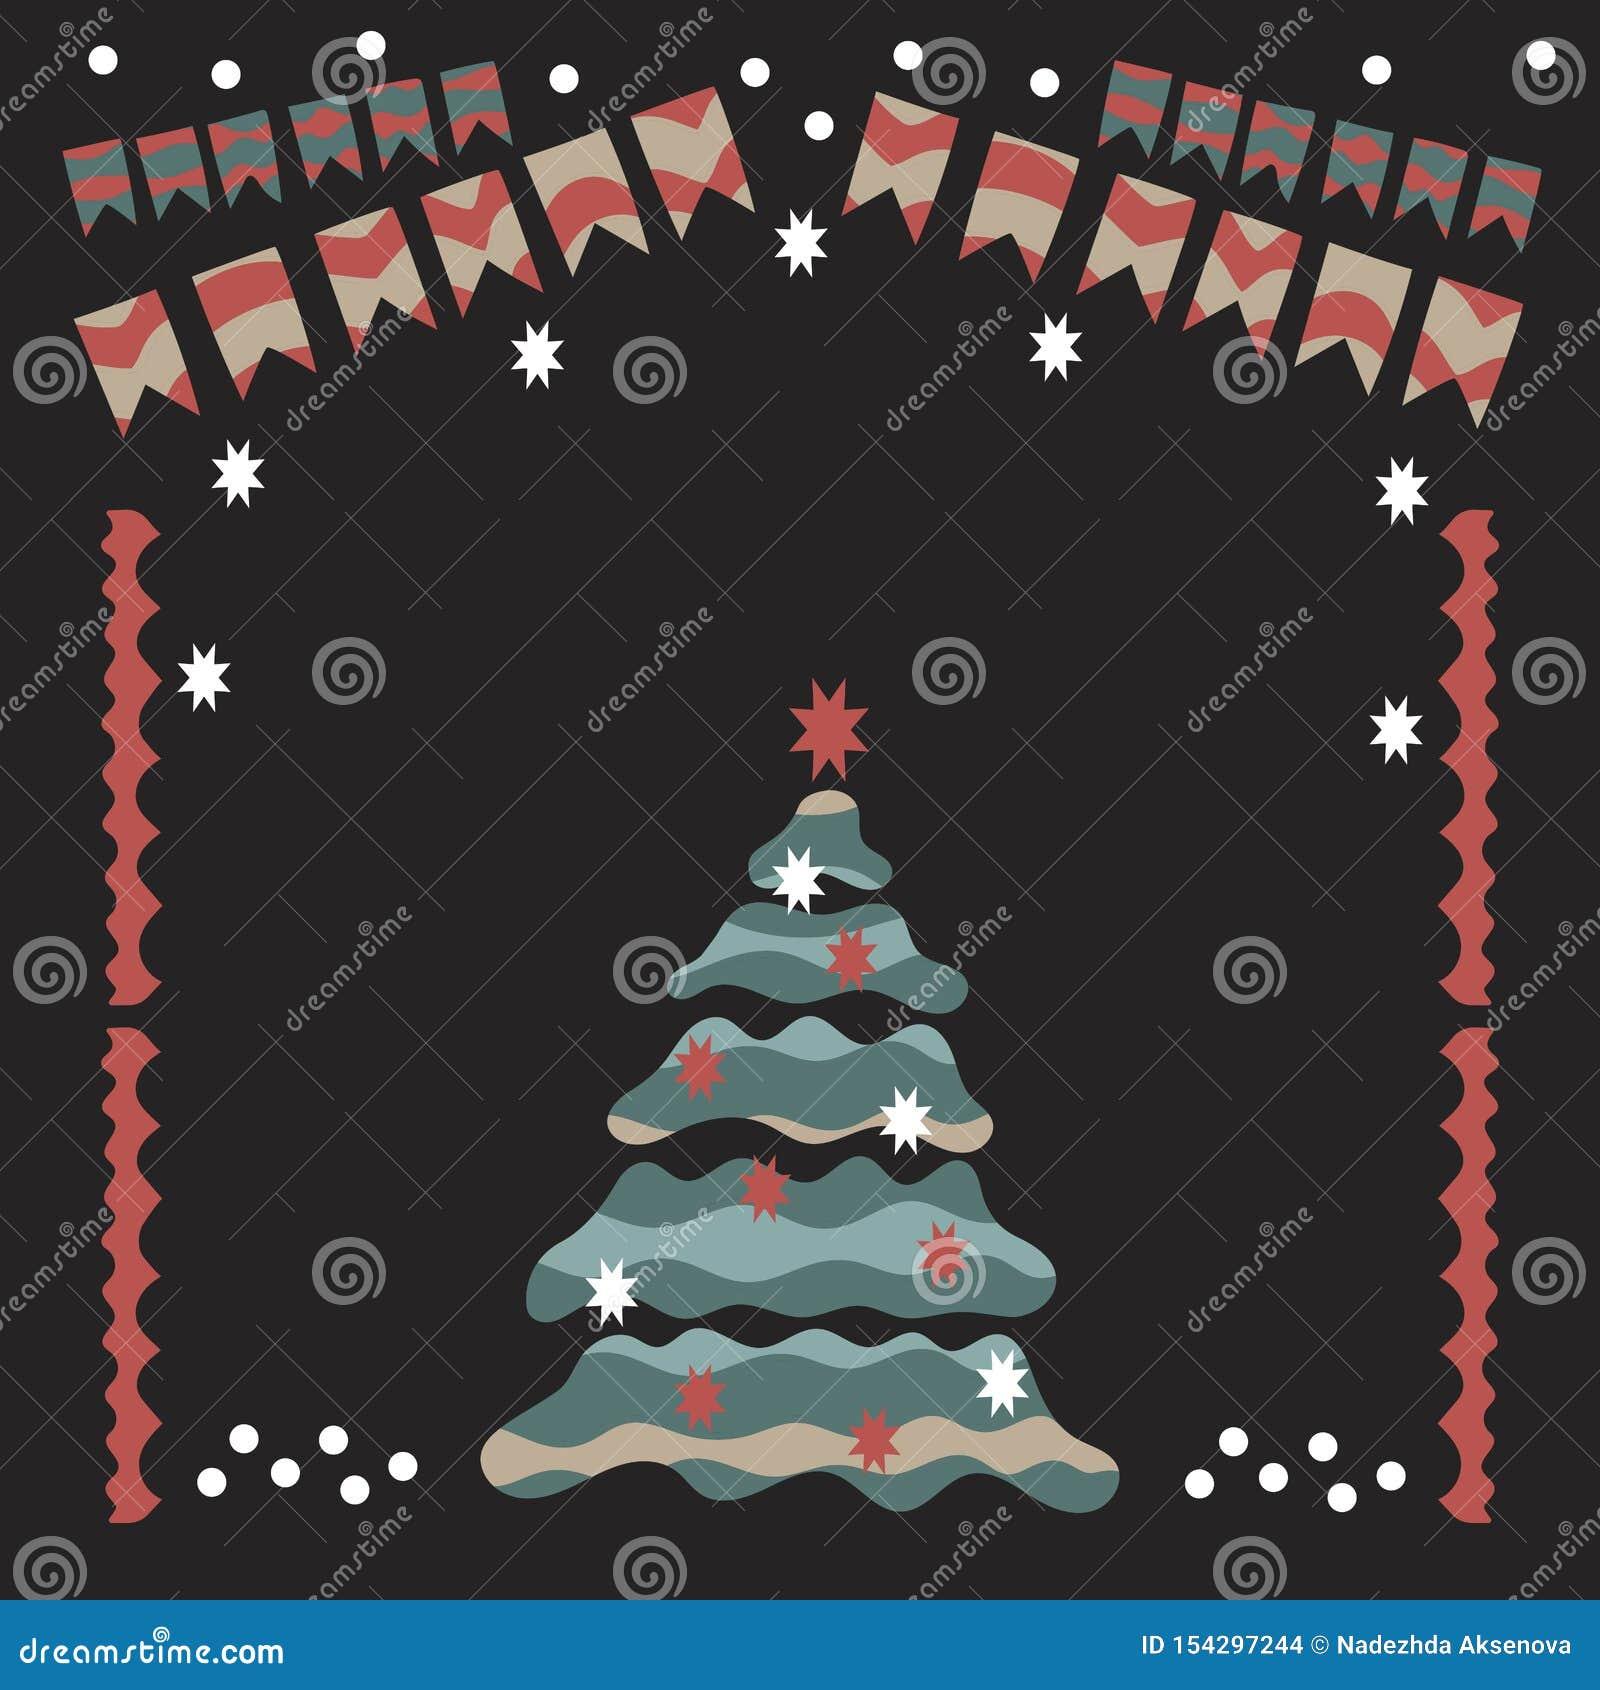 Гирлянда рождества, рождественская елка, снег, шарики рождества, носки и другие детали